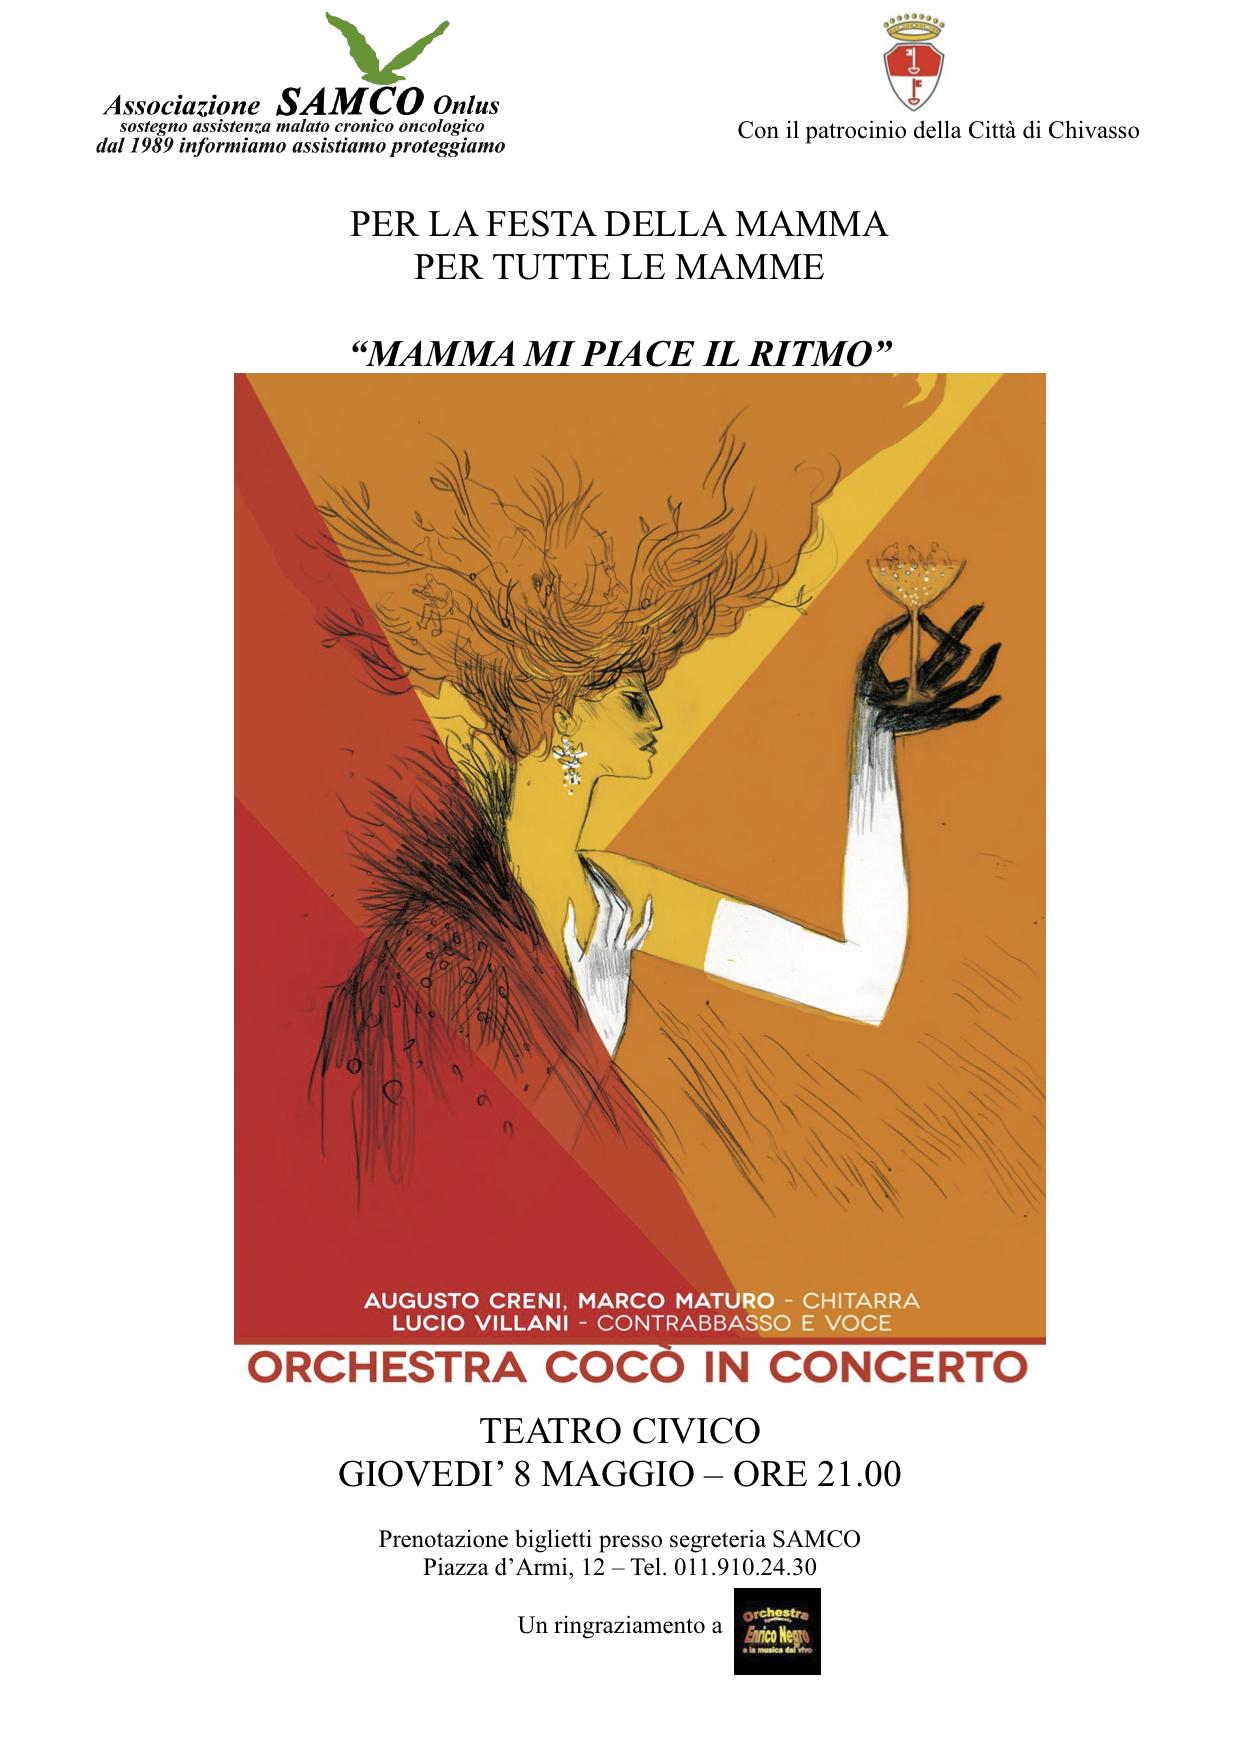 Locandina A4 ConcertoCocoNegro